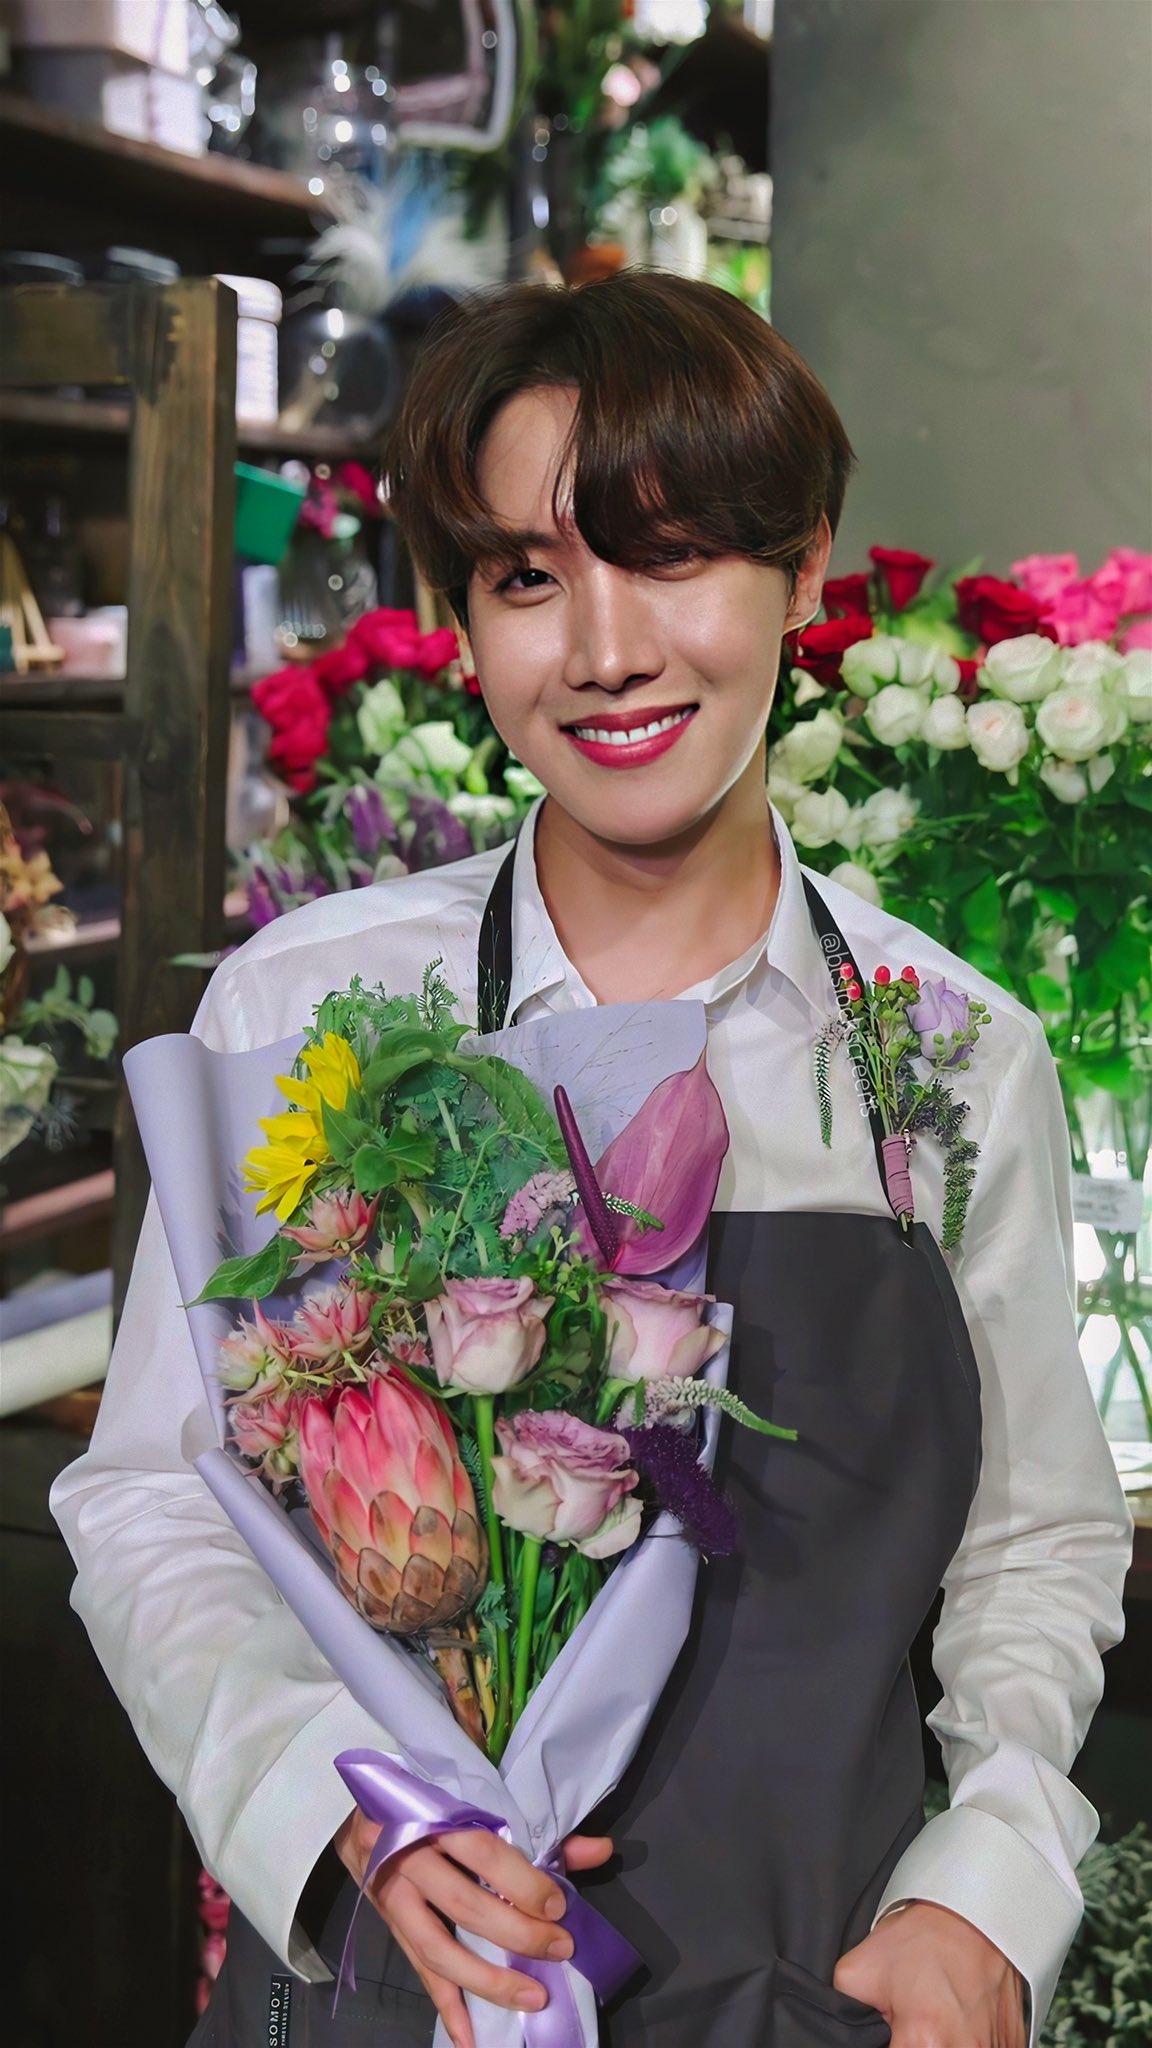 ดอกไม้ประจำวันเกิด BTS - เจโฮป